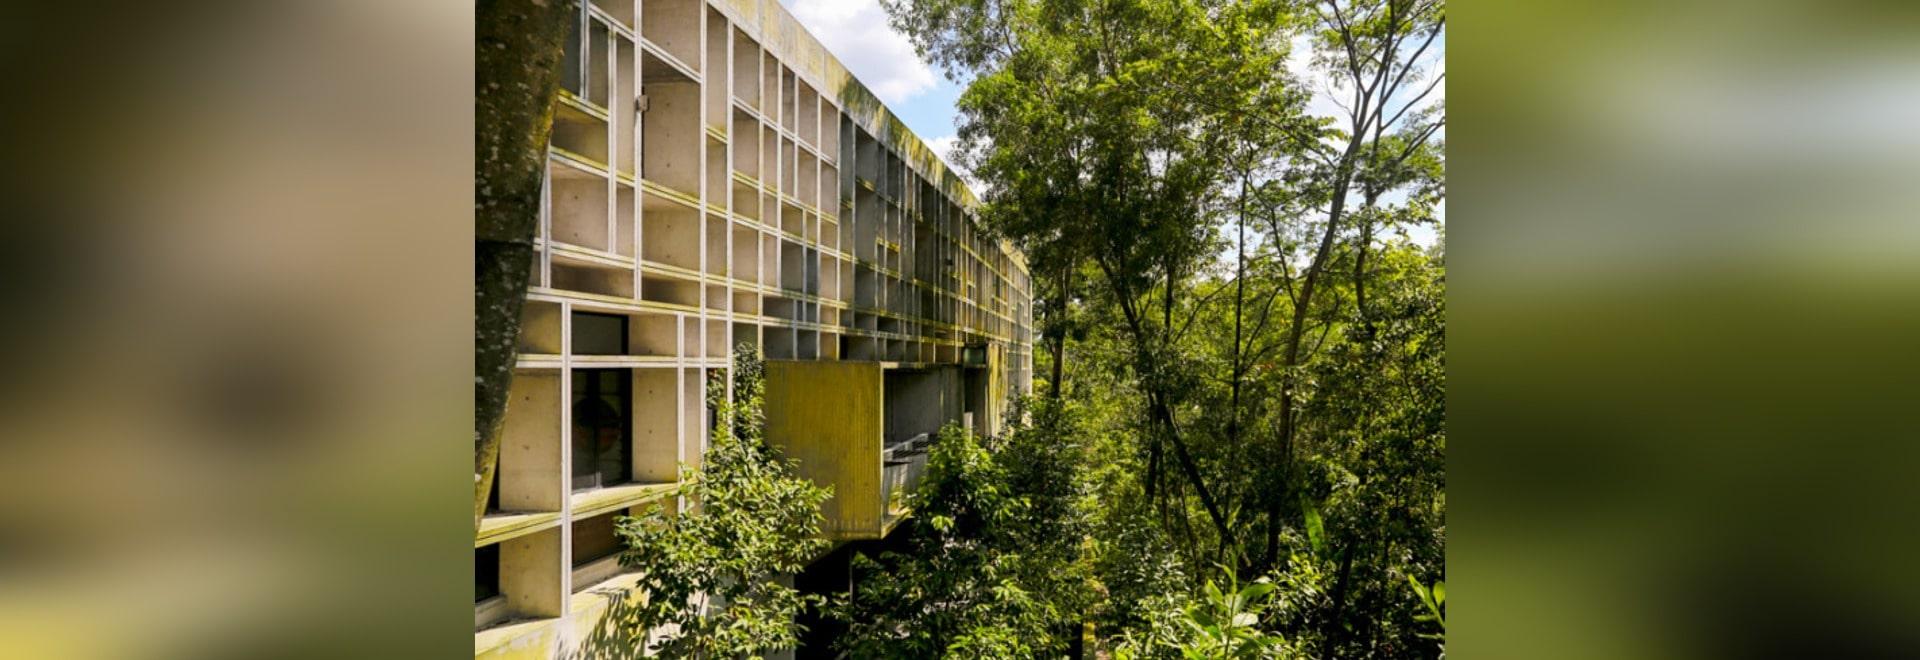 Tropisches Kasten-Haus bleibt mit geometrischer perforierter ...